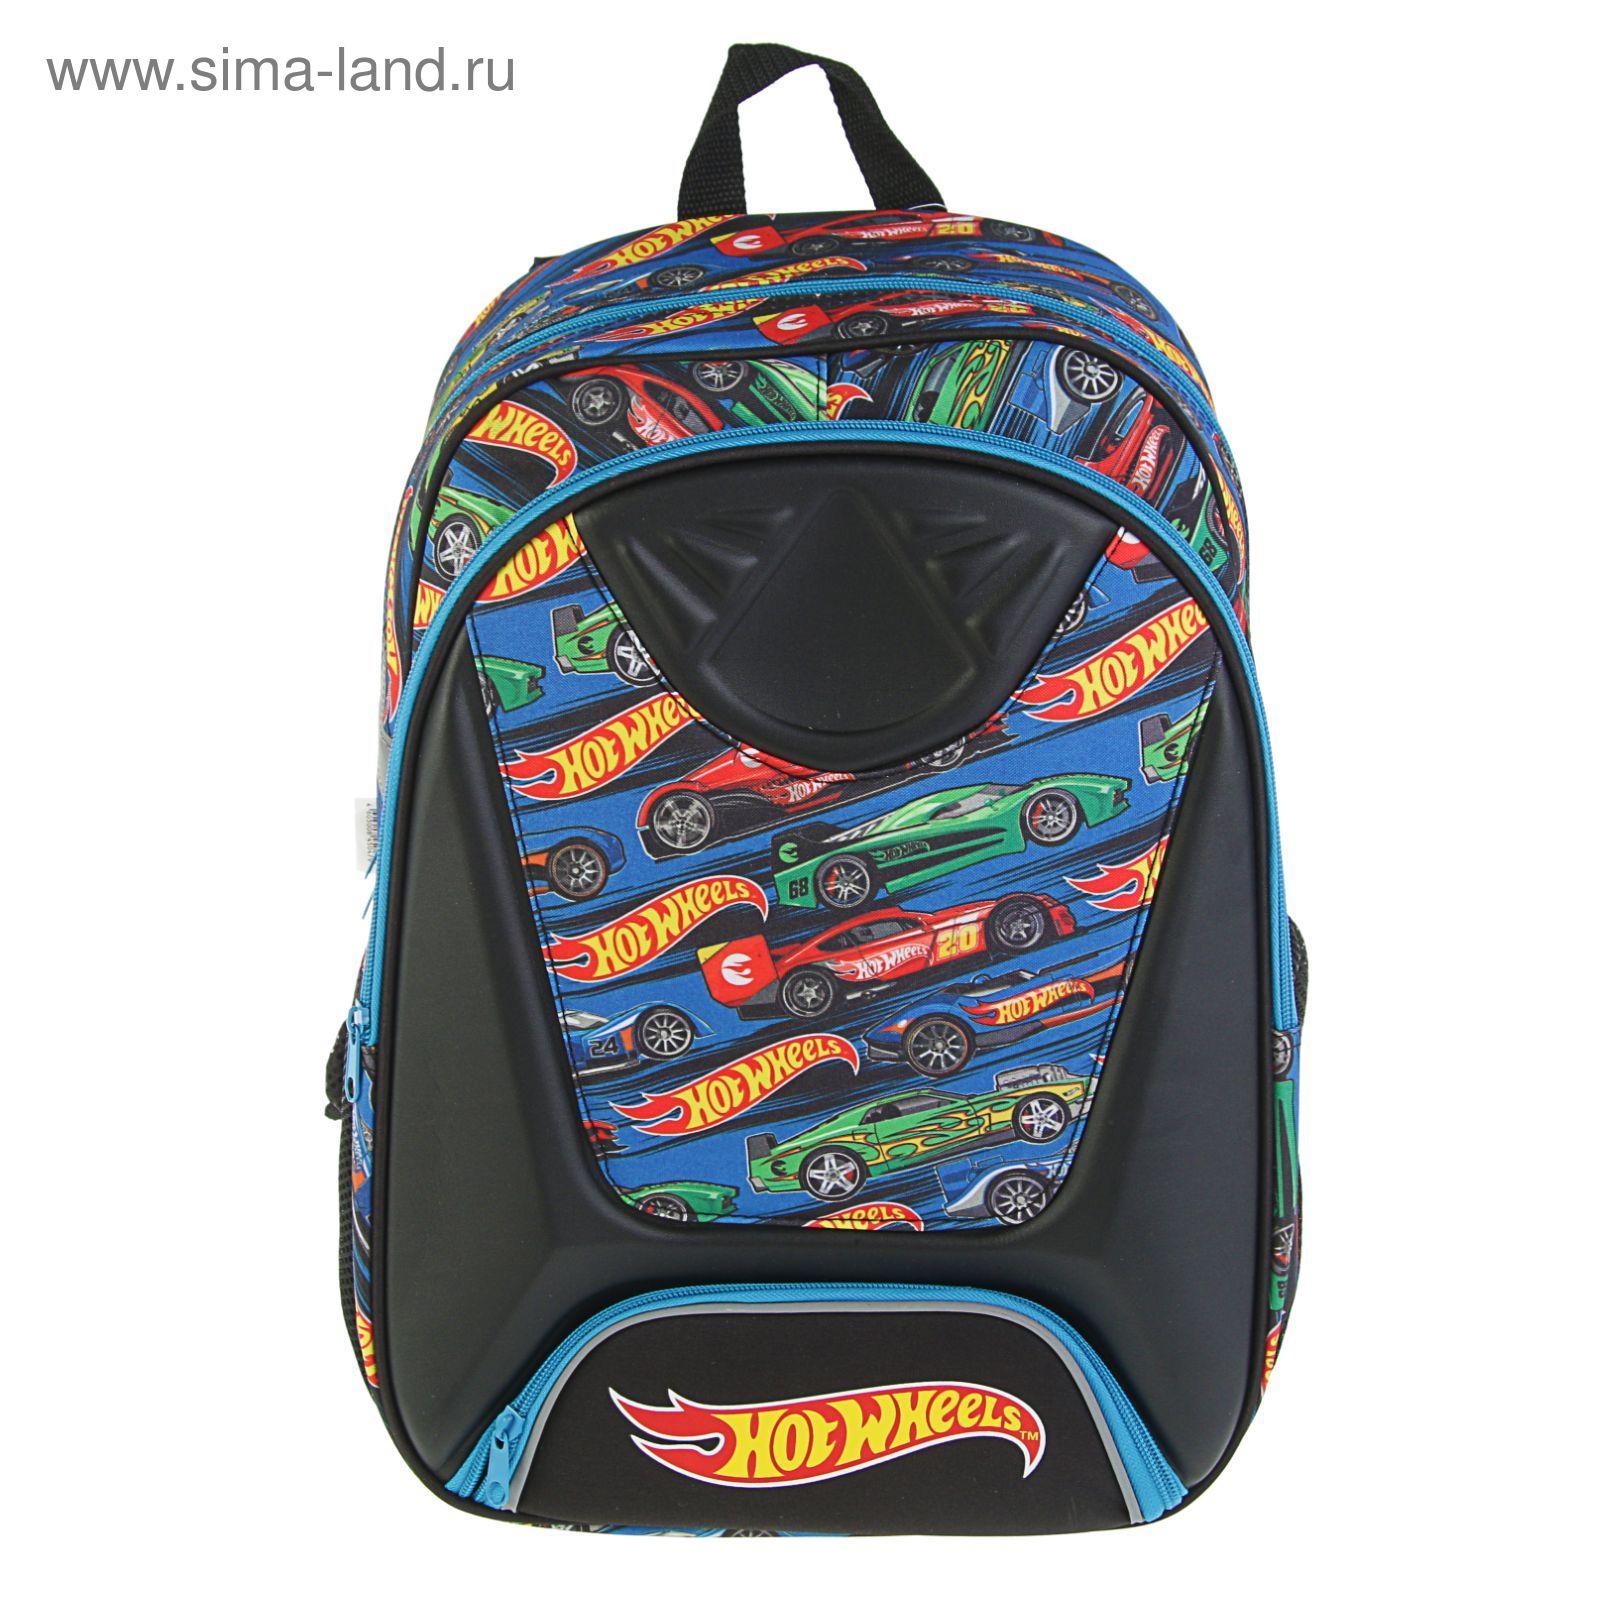 57652f08adf3 Рюкзак школьный для мальчика Hot Wheels 41*30*13 2 отделения, в подарок